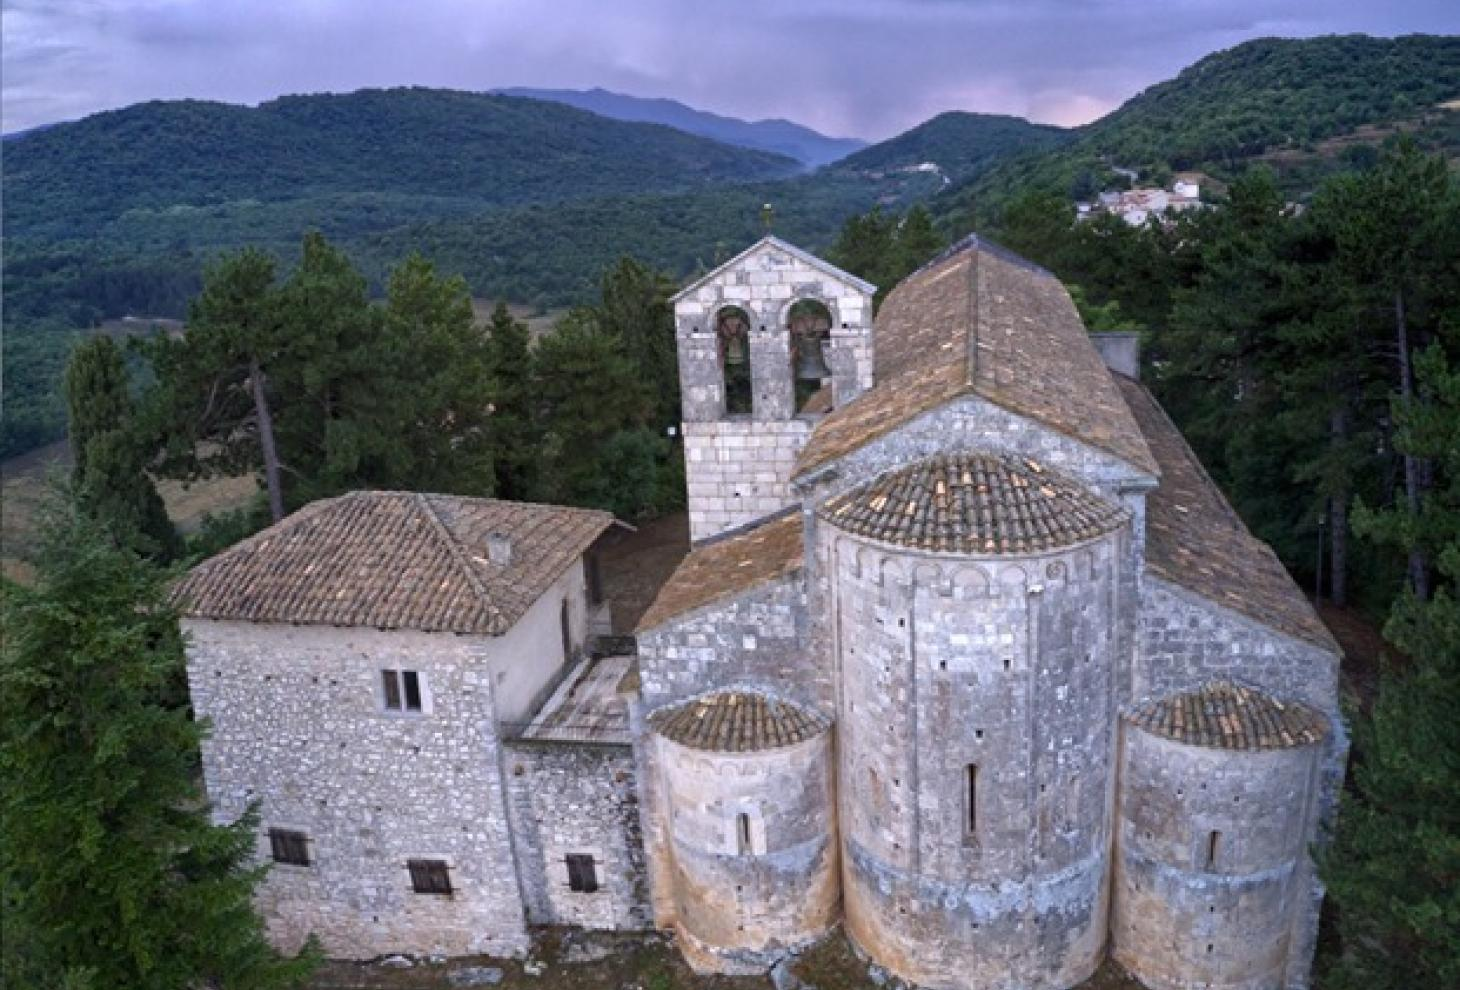 Chiesa S. Maria Assunta a Bominaco (L'Aquila)